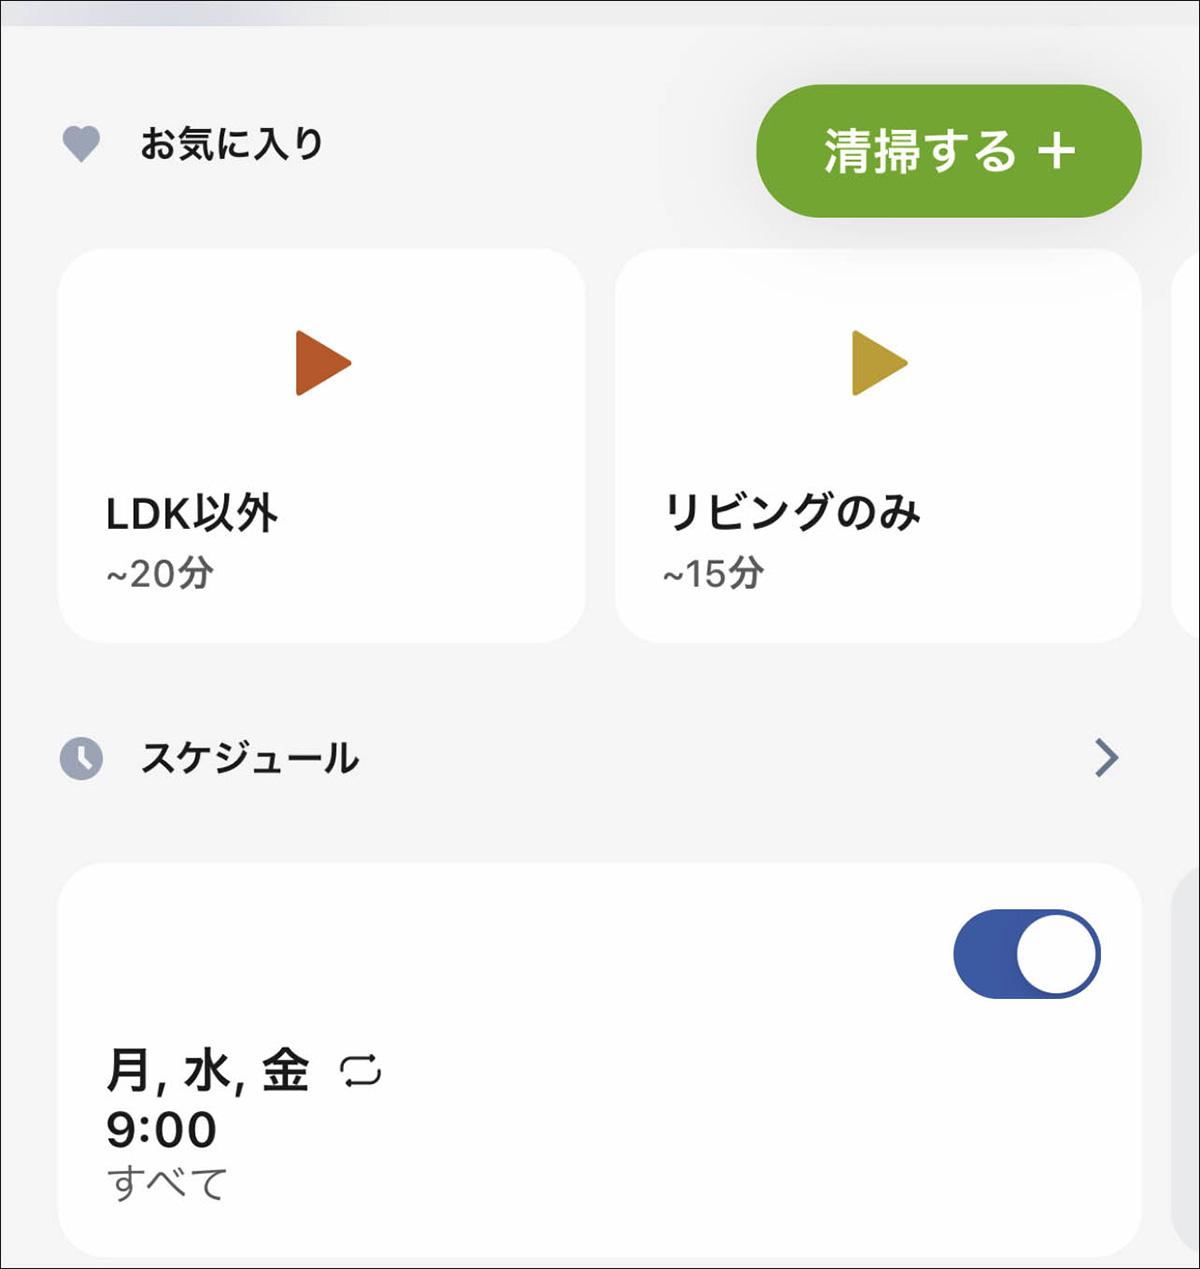 アイロボット ルンバ i7+ 専用アプリ「iRobot Home」設定画像